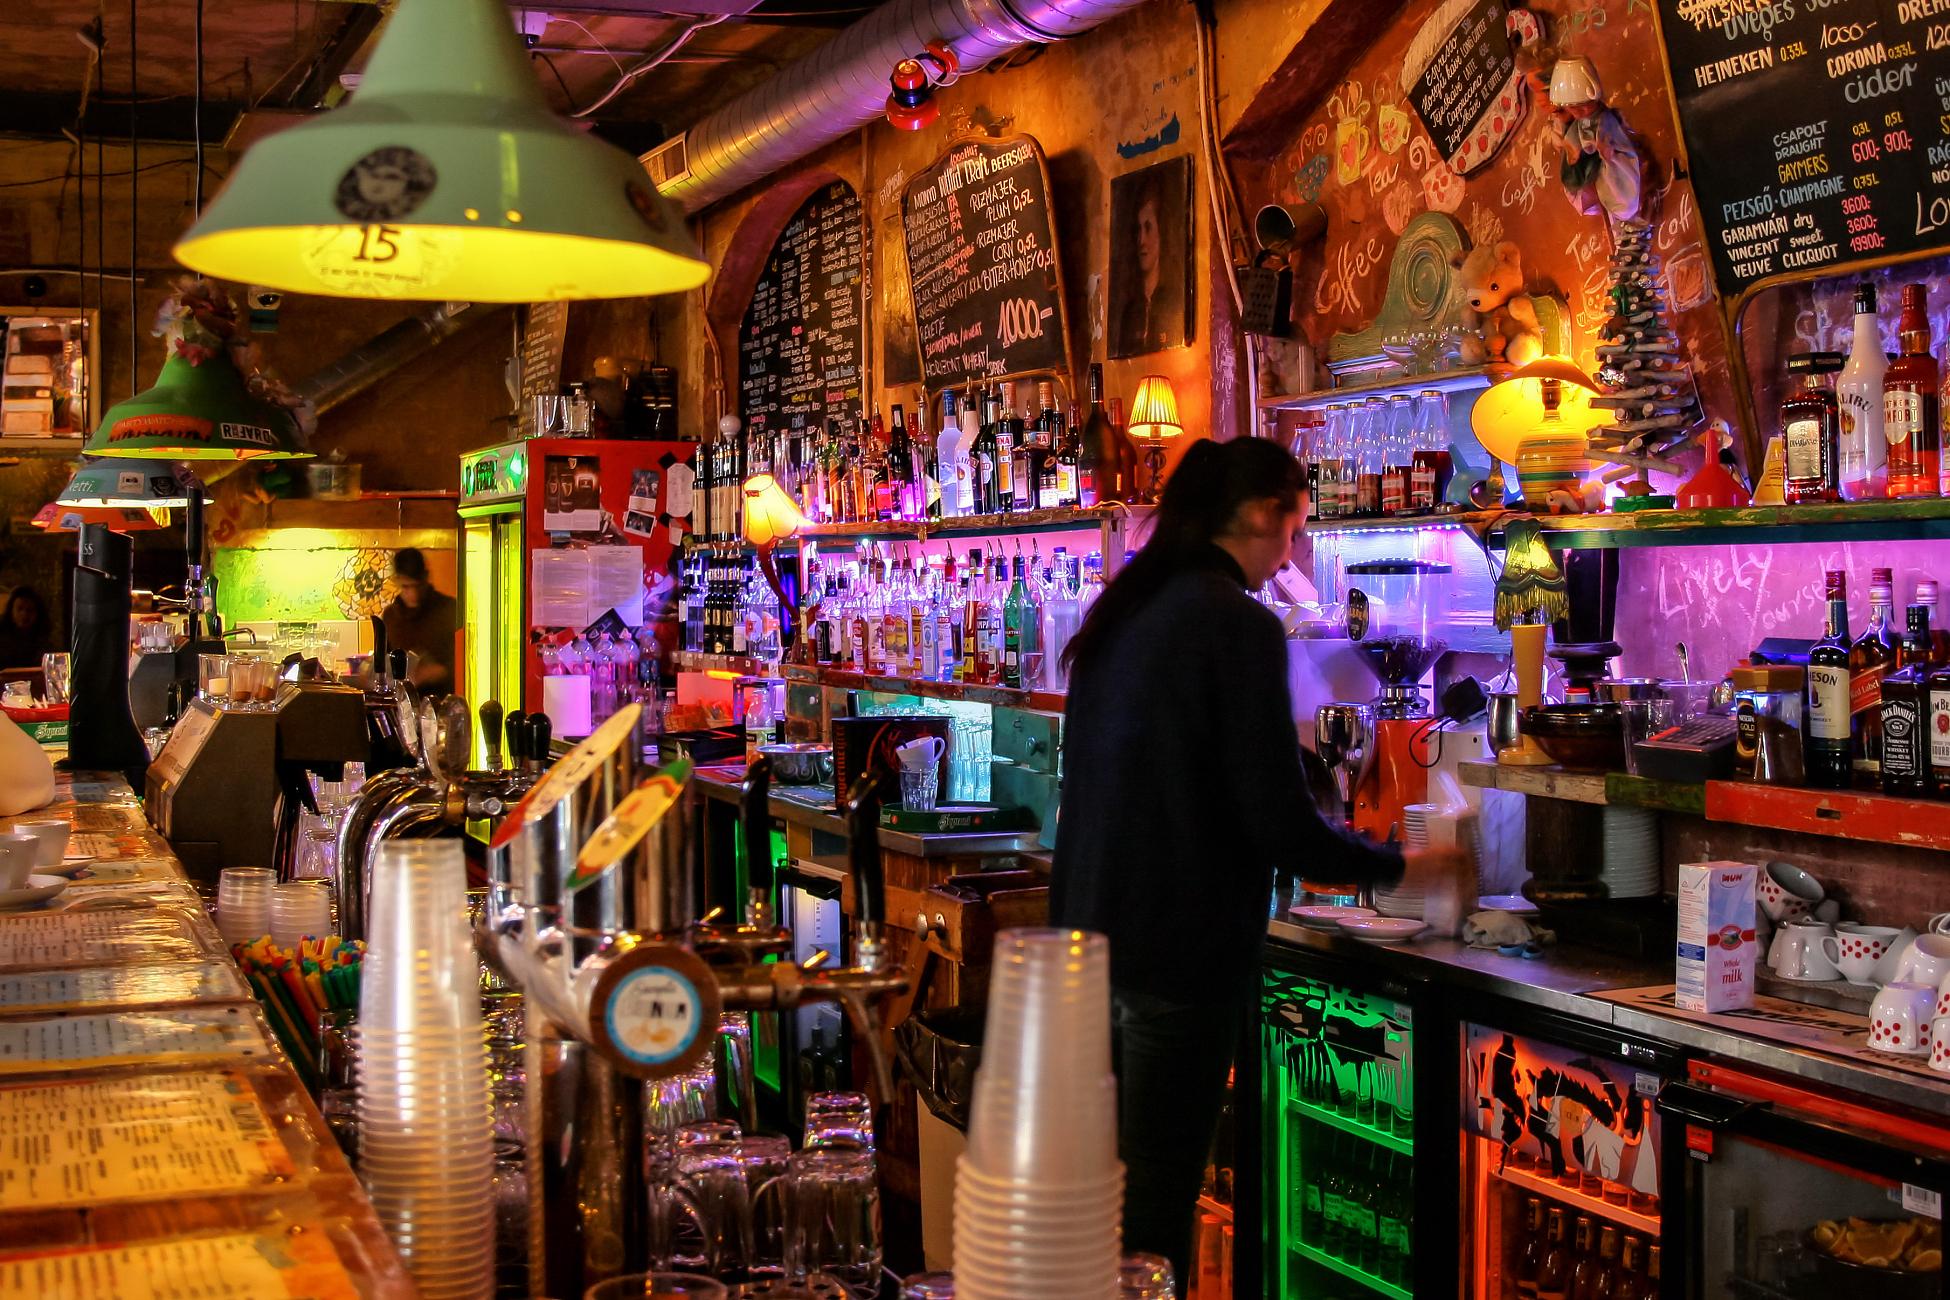 Kết quả hình ảnh cho ruin bar in budapest